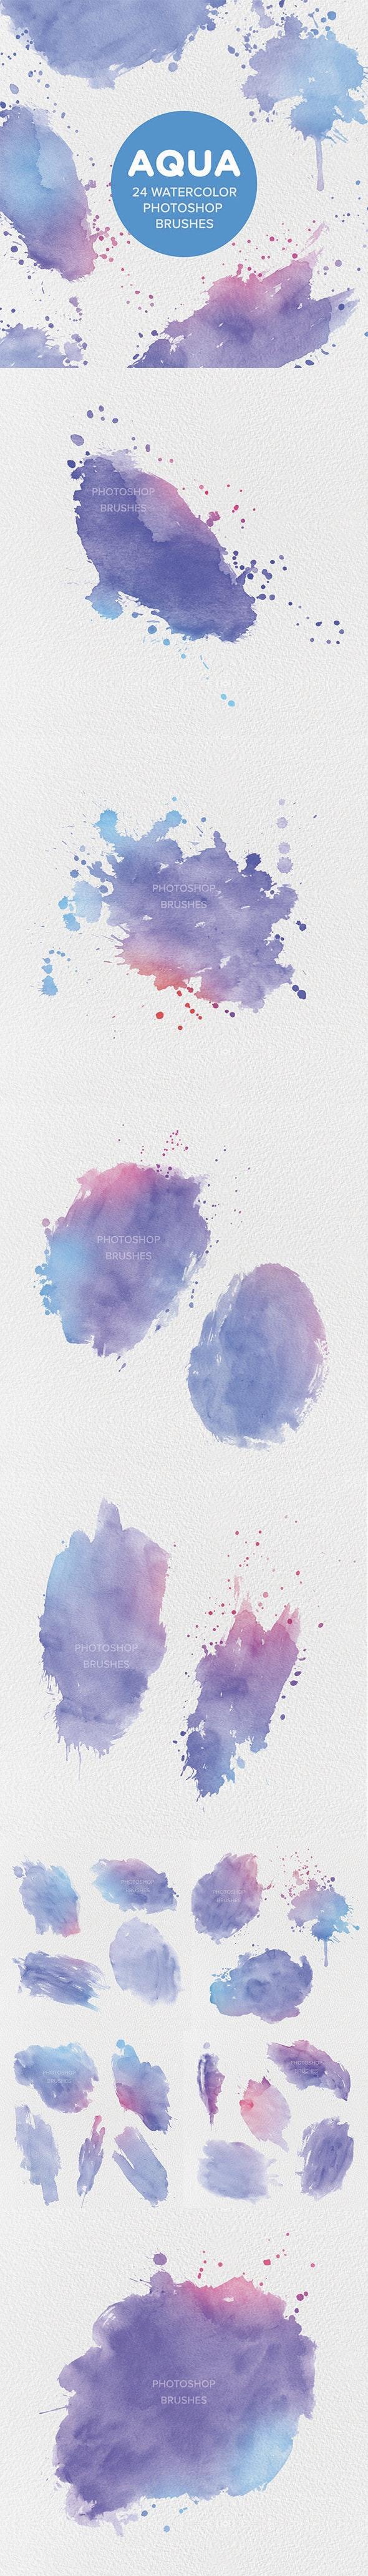 Aqua 24 Watercolor Photoshop Brushes - Brushes Photoshop